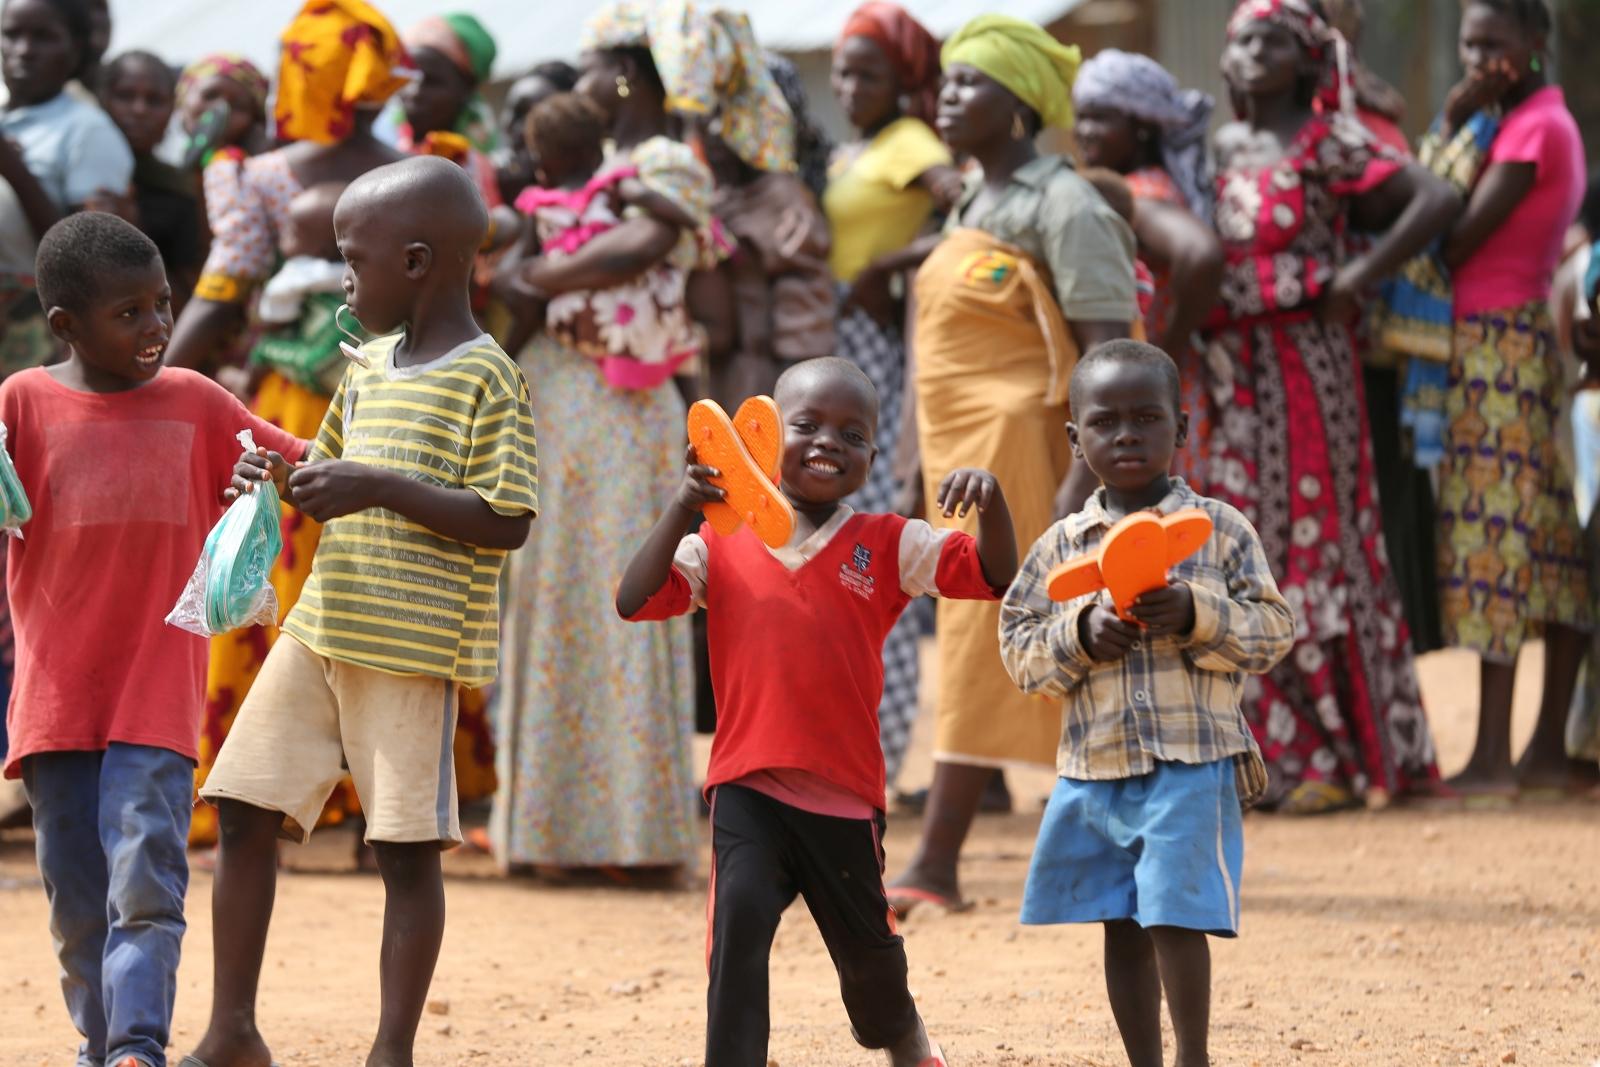 Nigeria baby trafficking